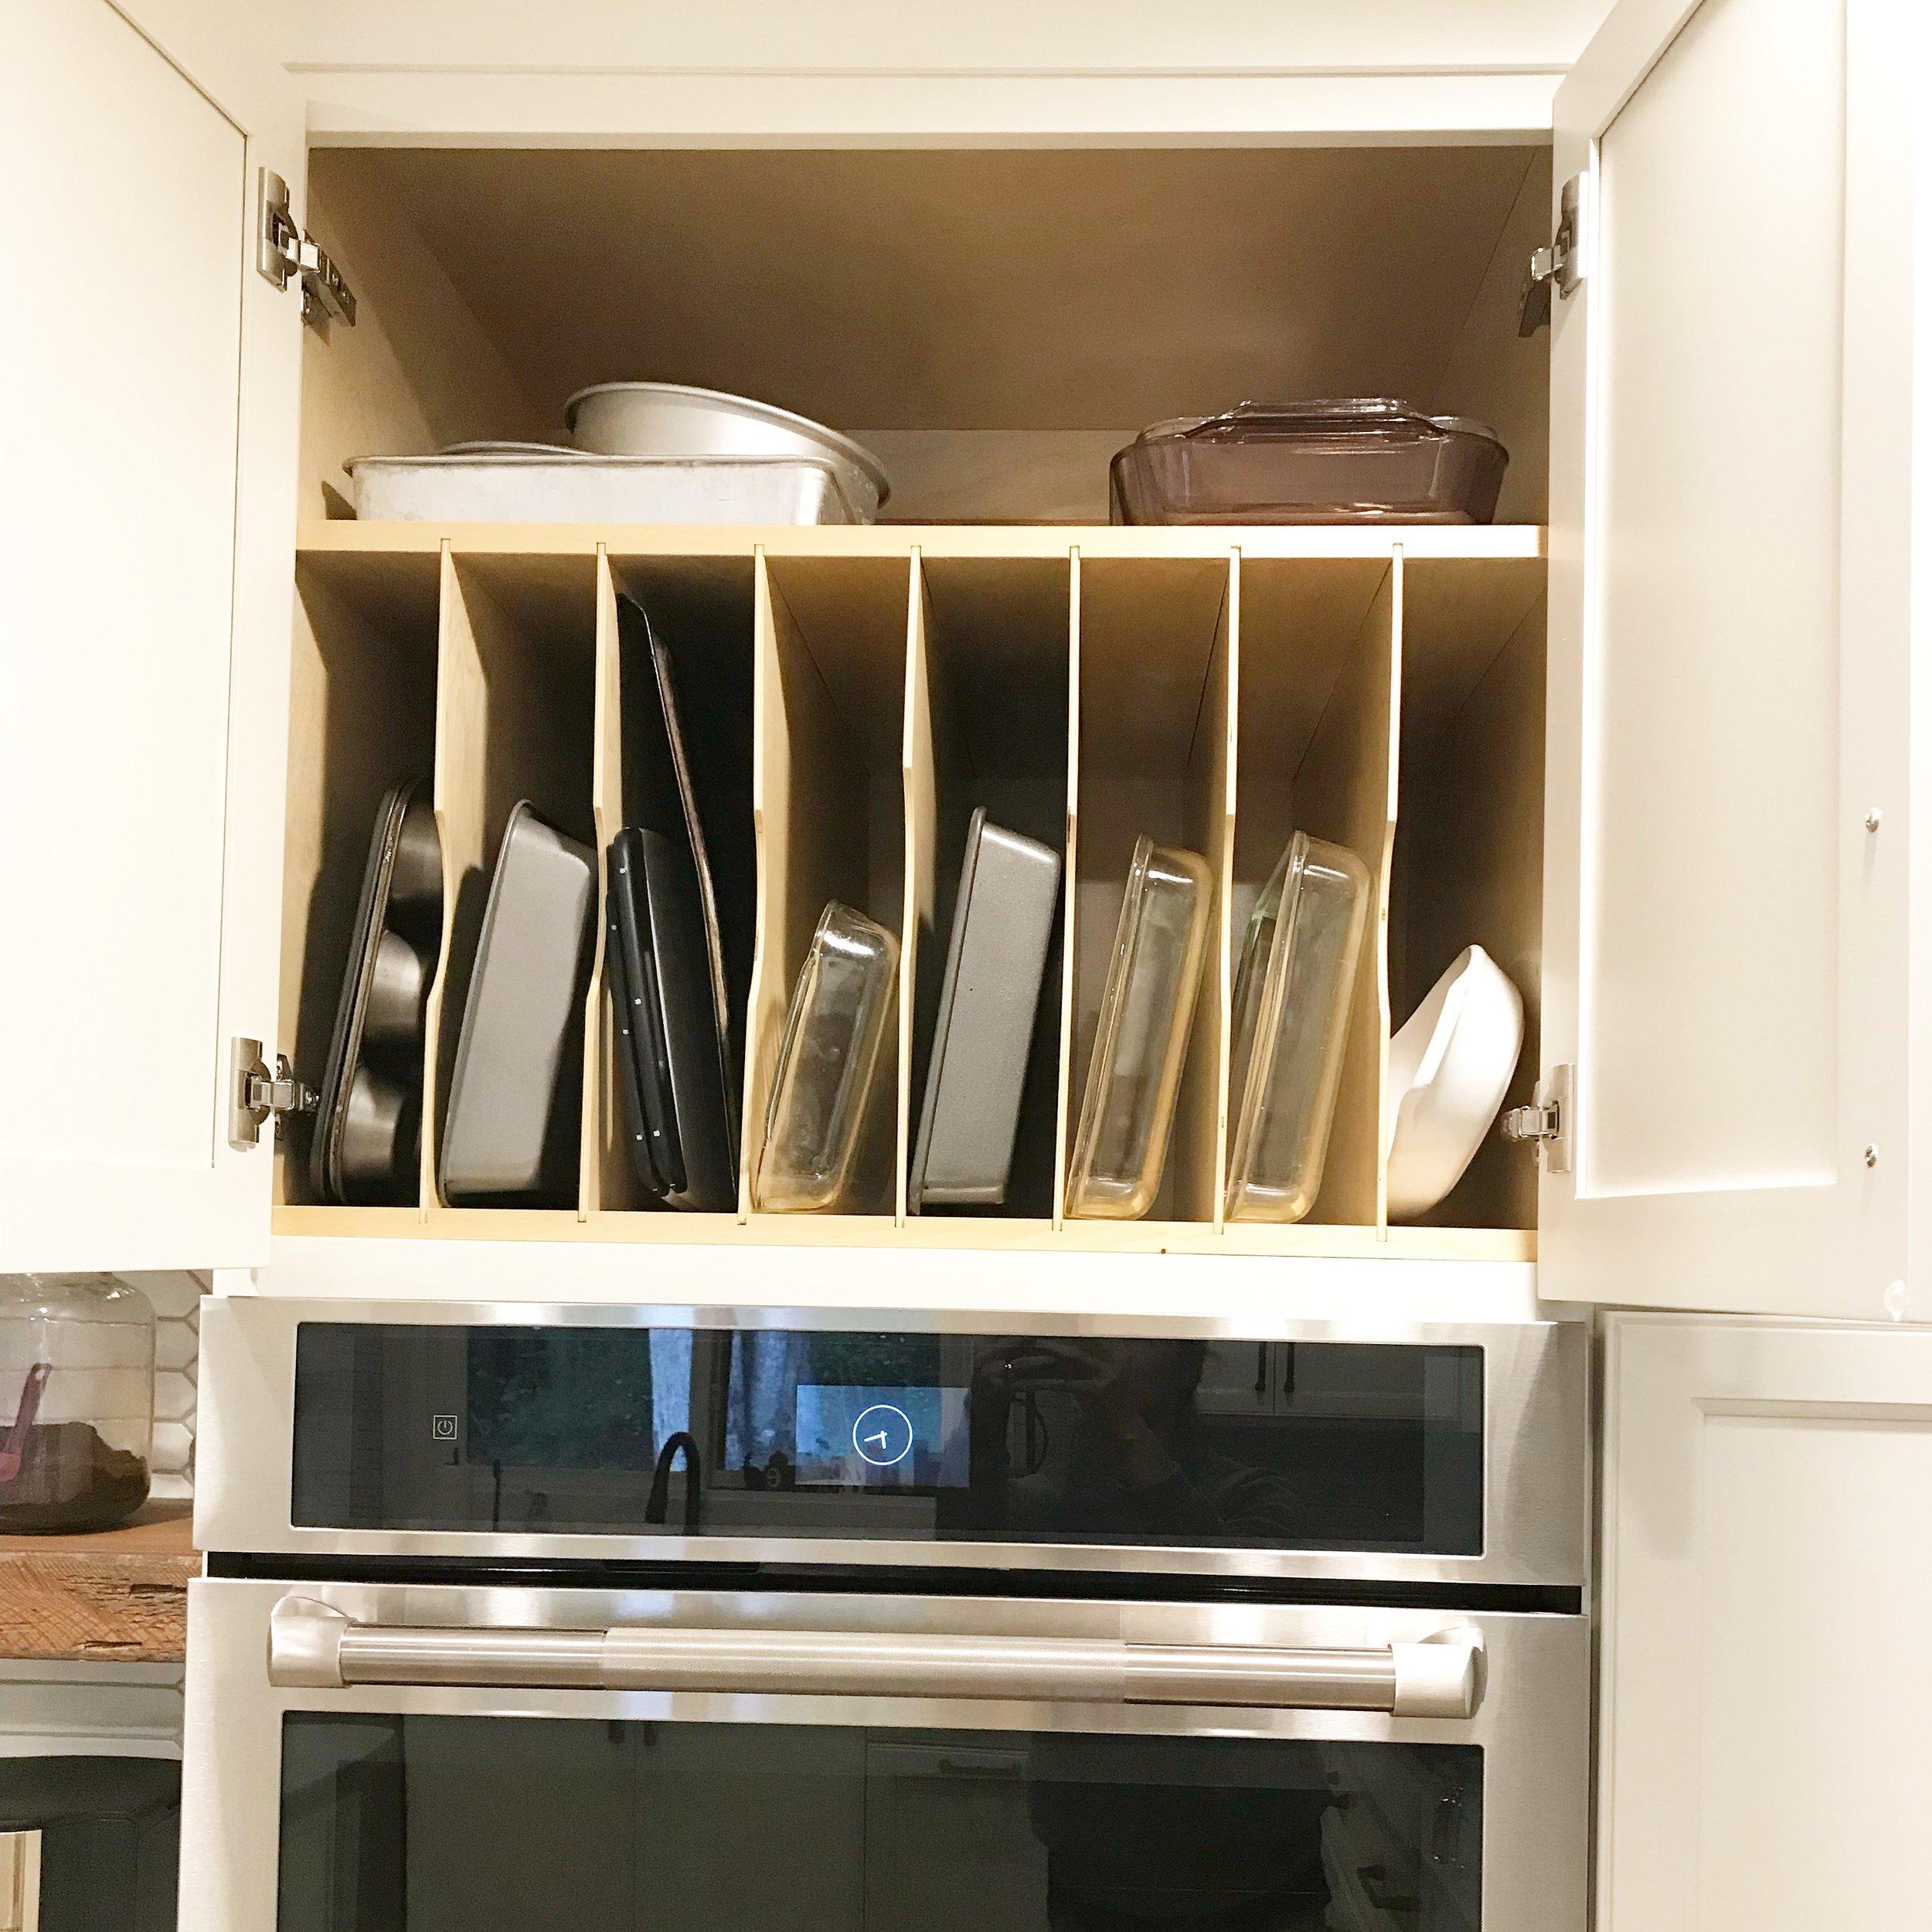 Baking dish dividers!!